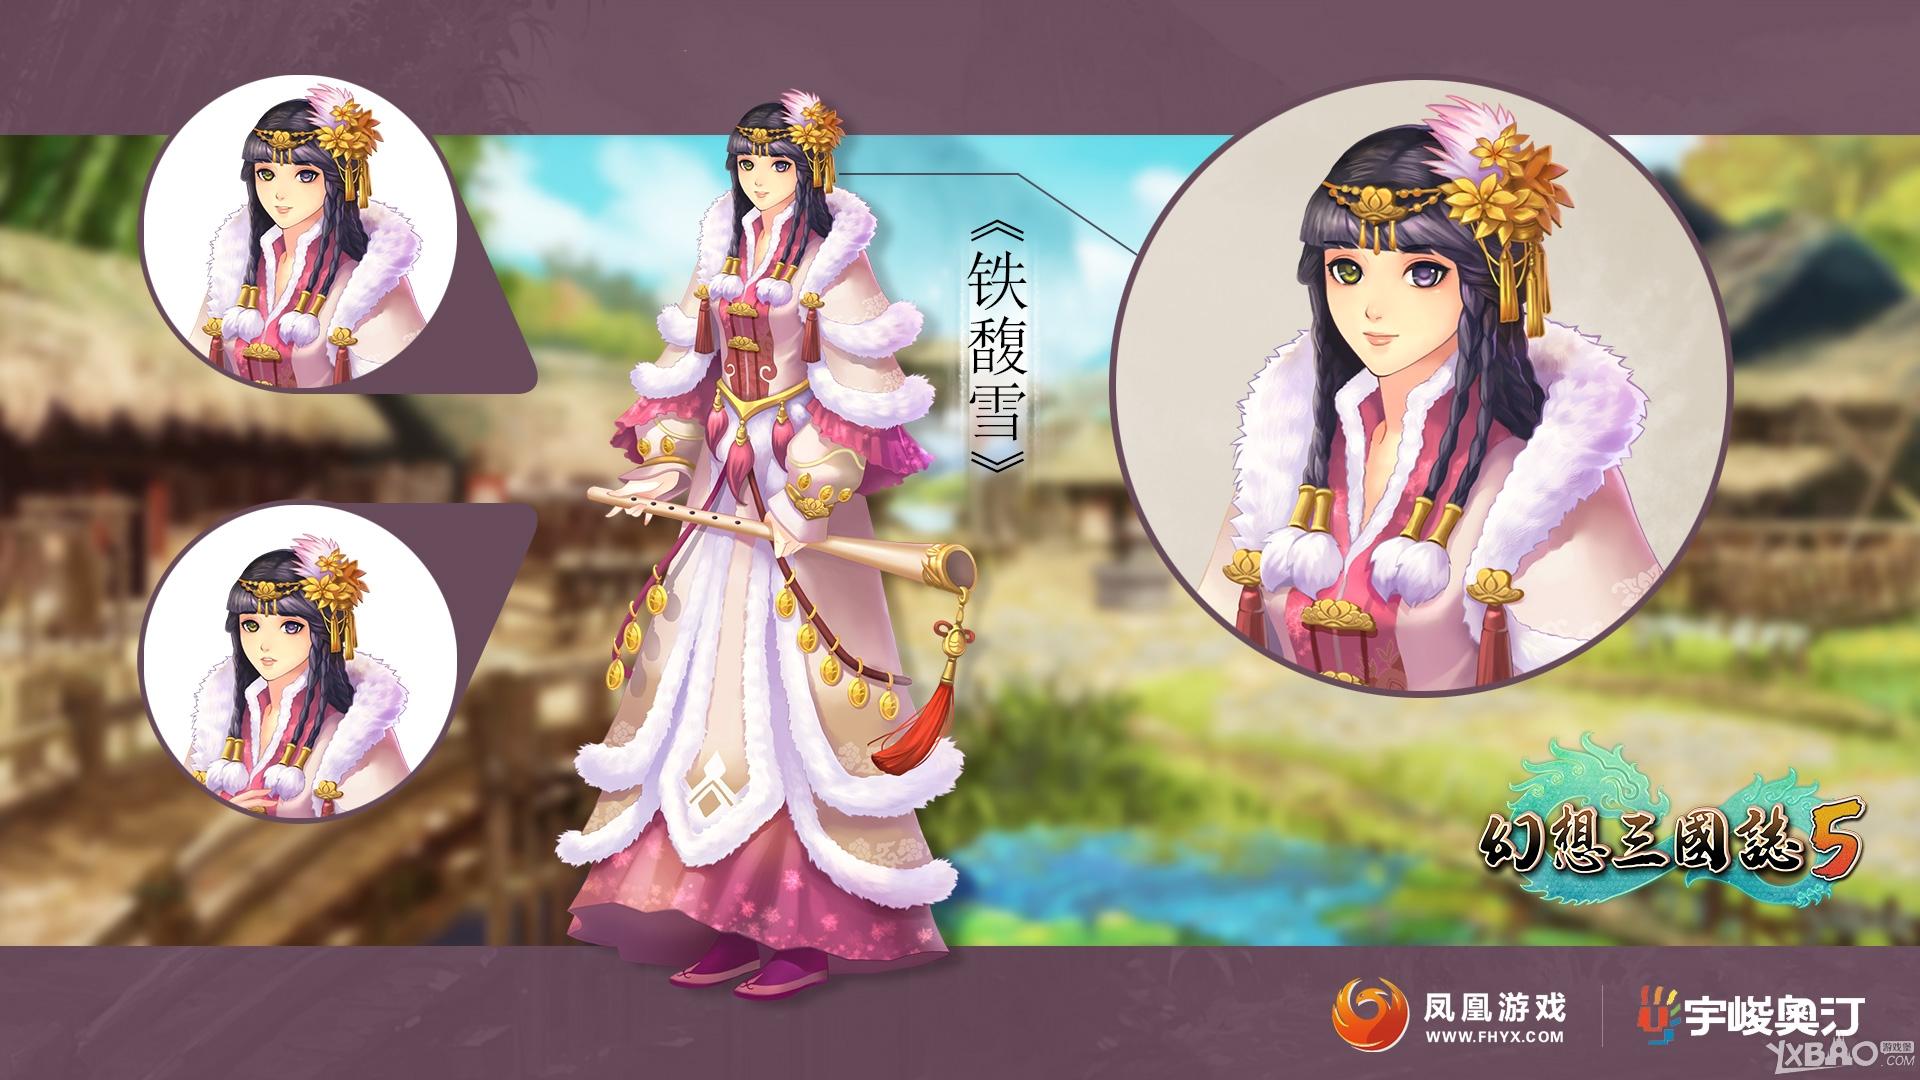 《幻想三国志5》女主角形象首次曝光